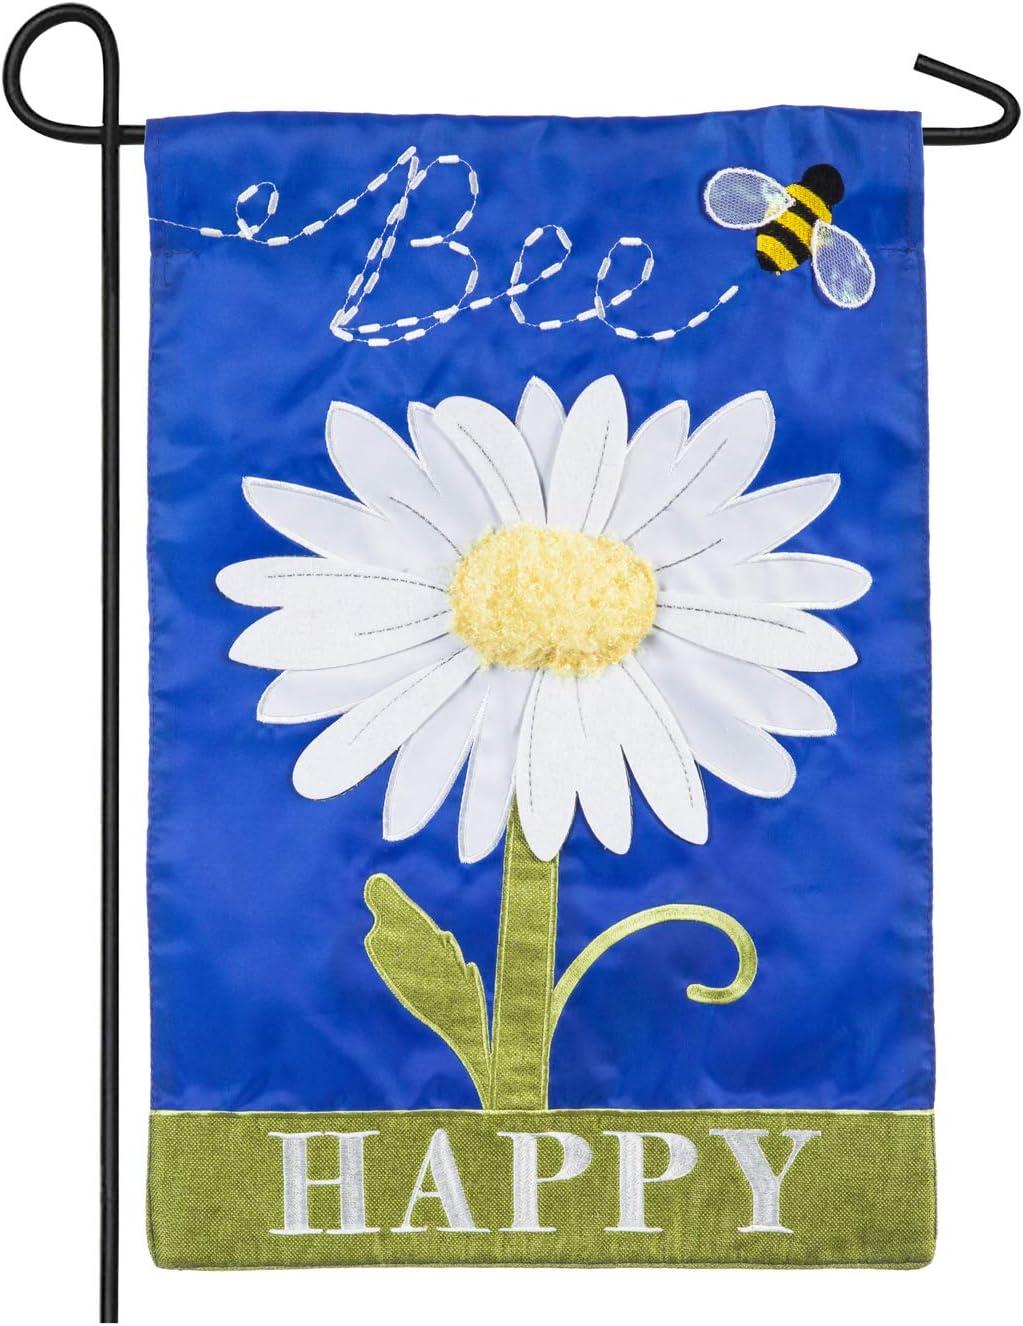 Evergreen Flag Bee Happy Daisy Garden Applique Garden Flag - 12.5 x 18 Inches Outdoor Decor for Homes and Gardens